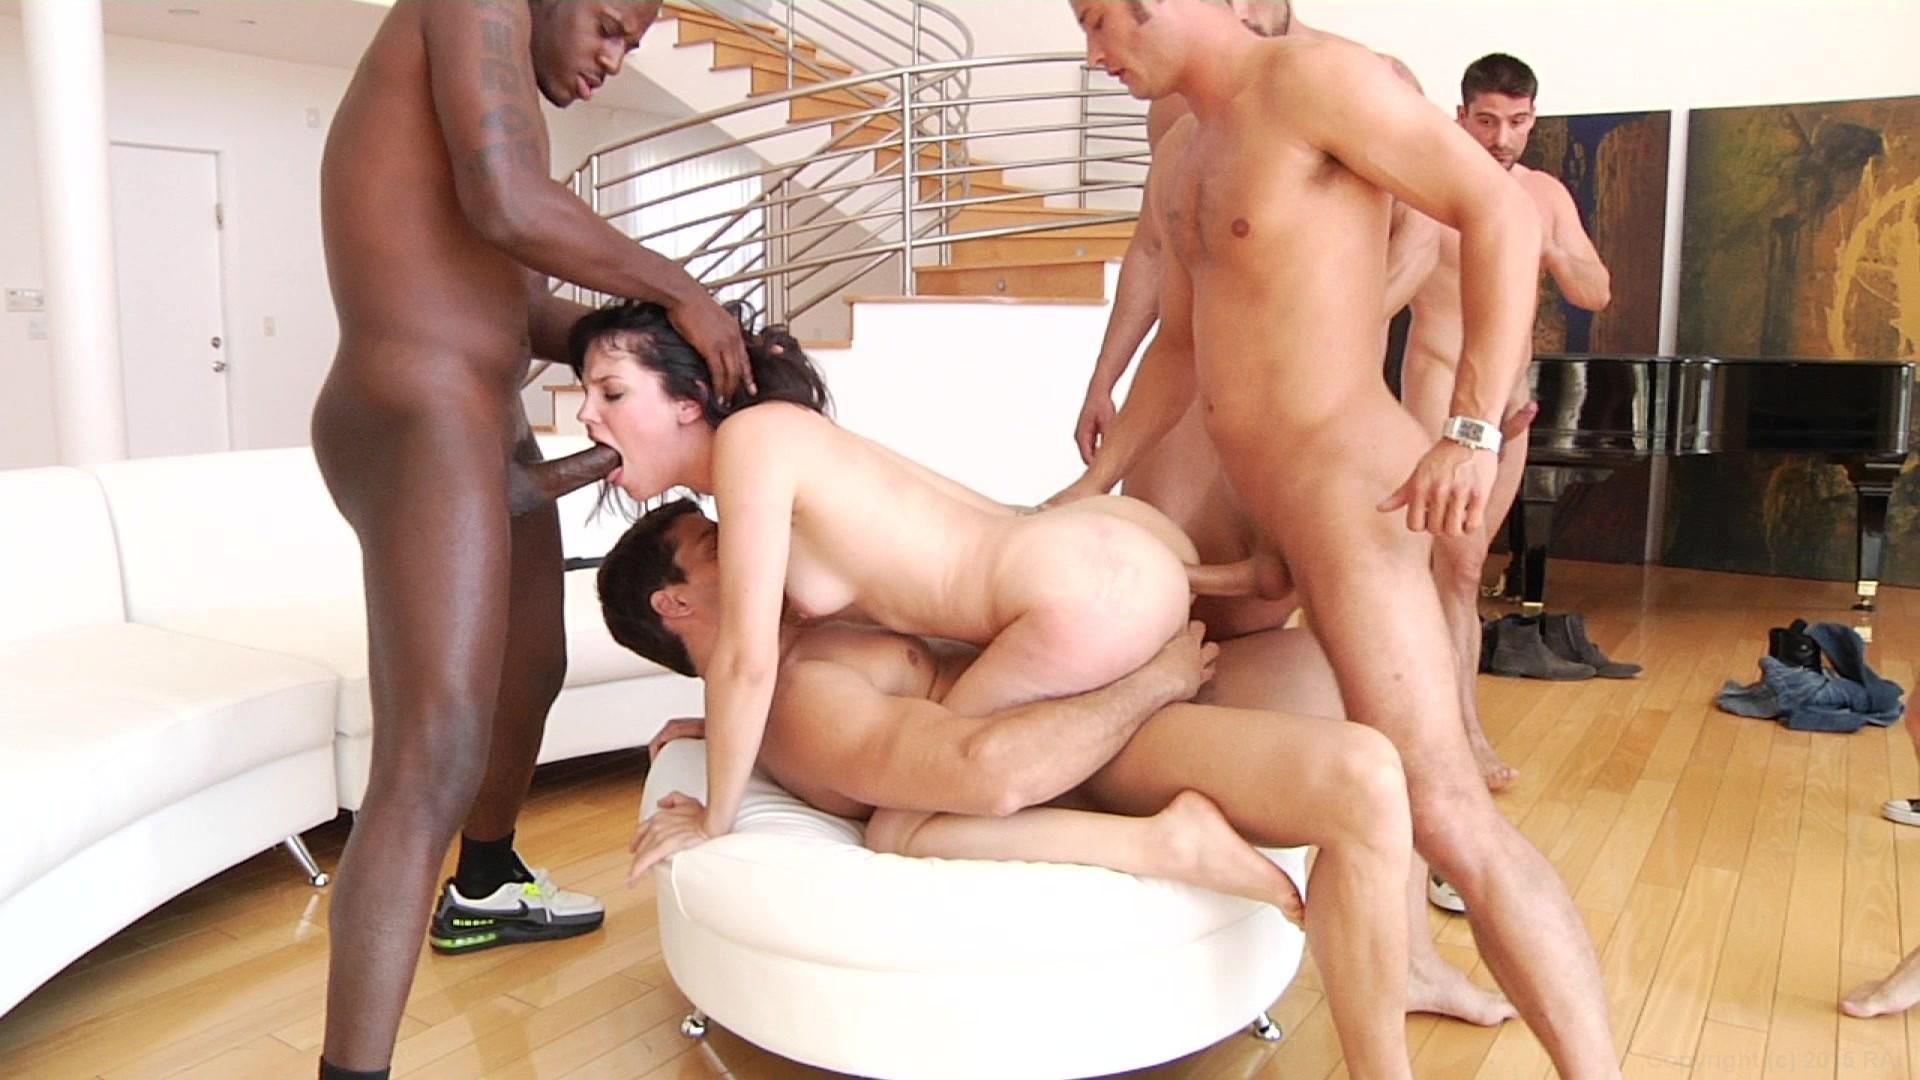 Sophie dee interracial porn